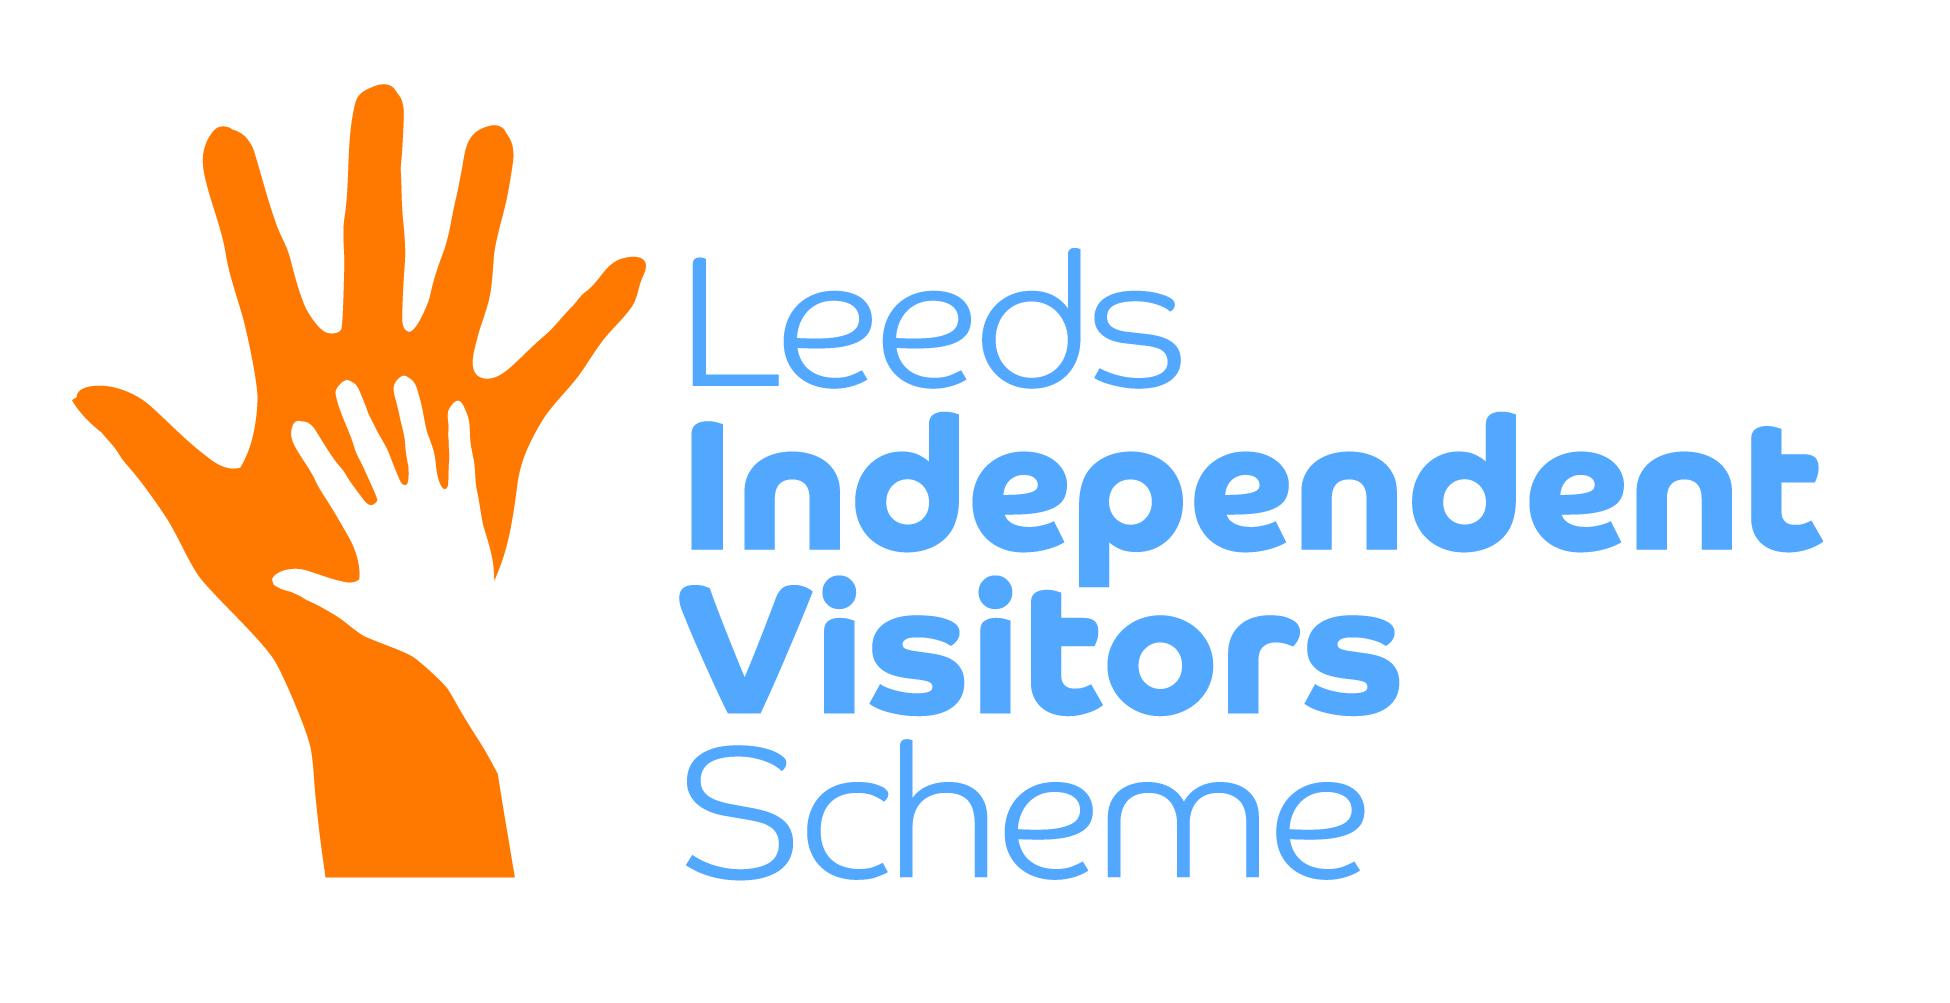 Leeds Independent Visitors Scheme